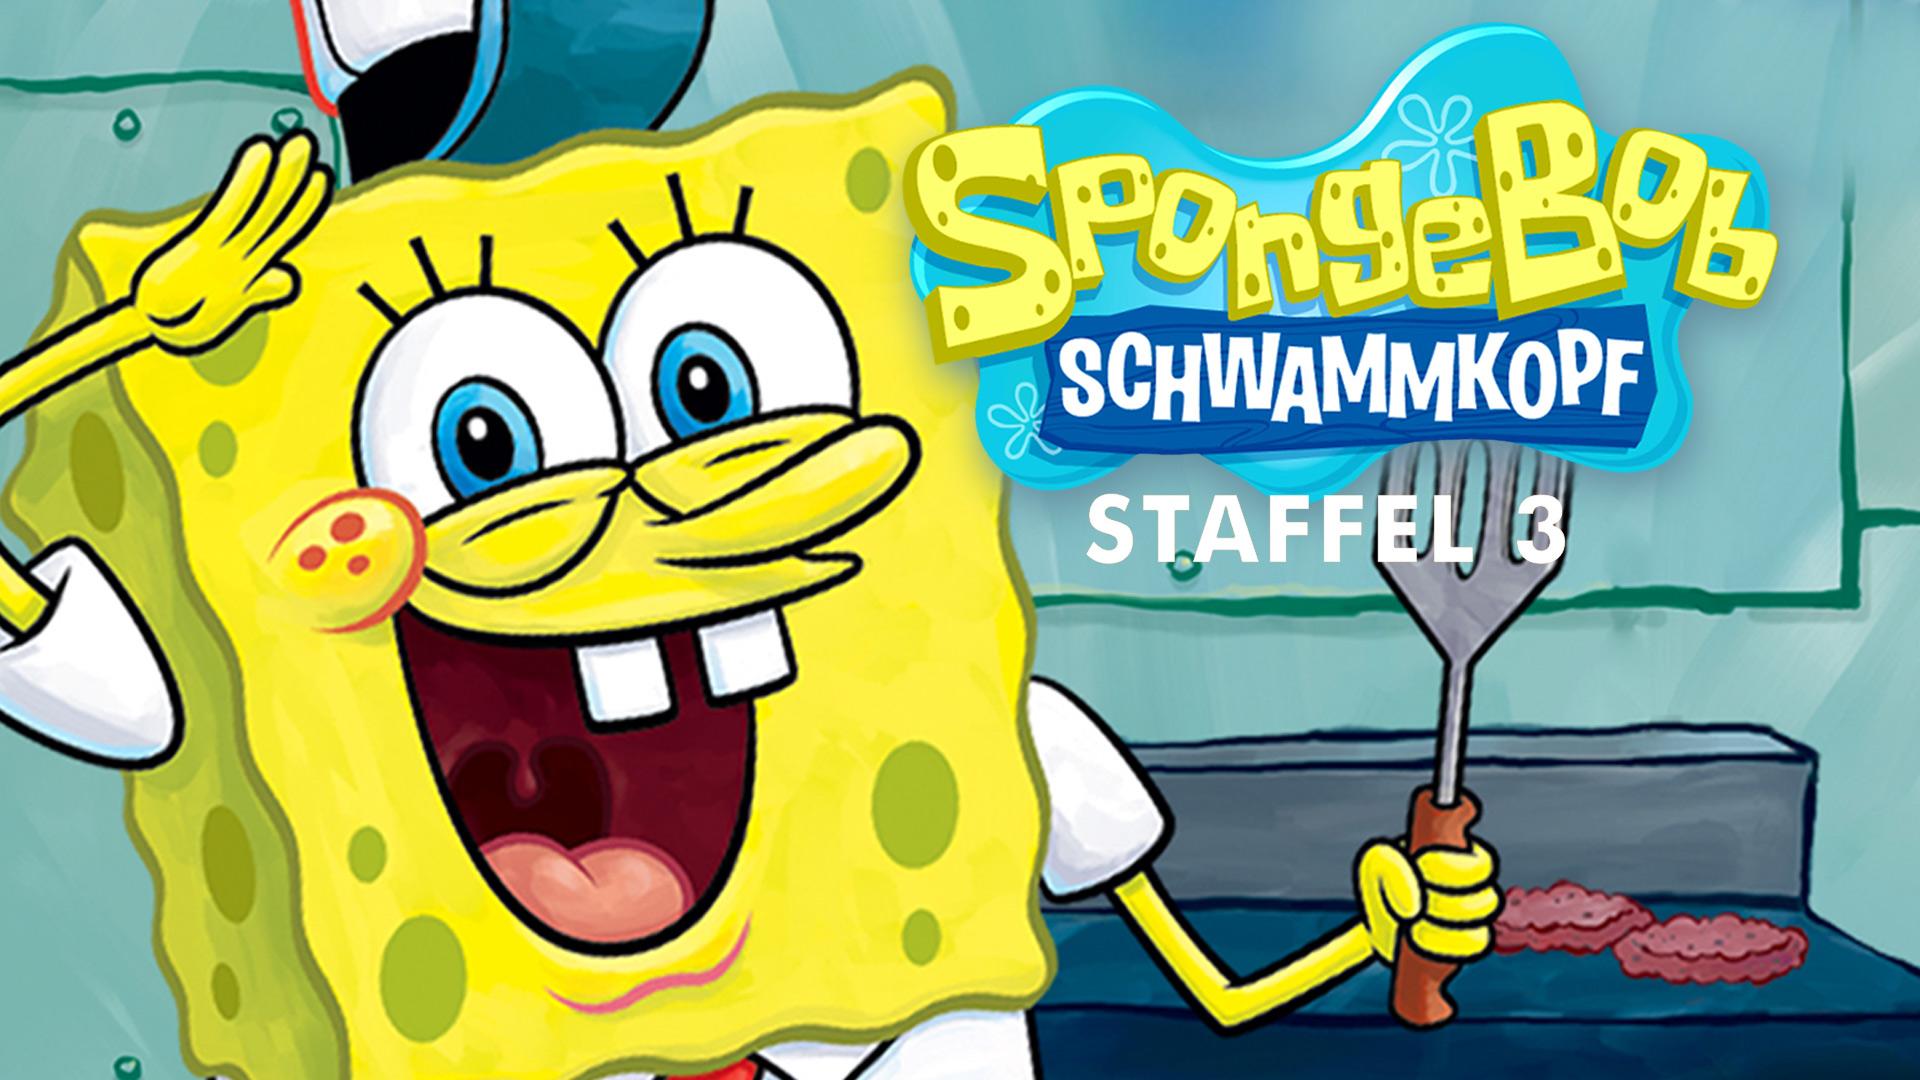 Spongebob Schwammkopf und Patrick Star Unterlage Name Ti 43 cm * 29 cm incl